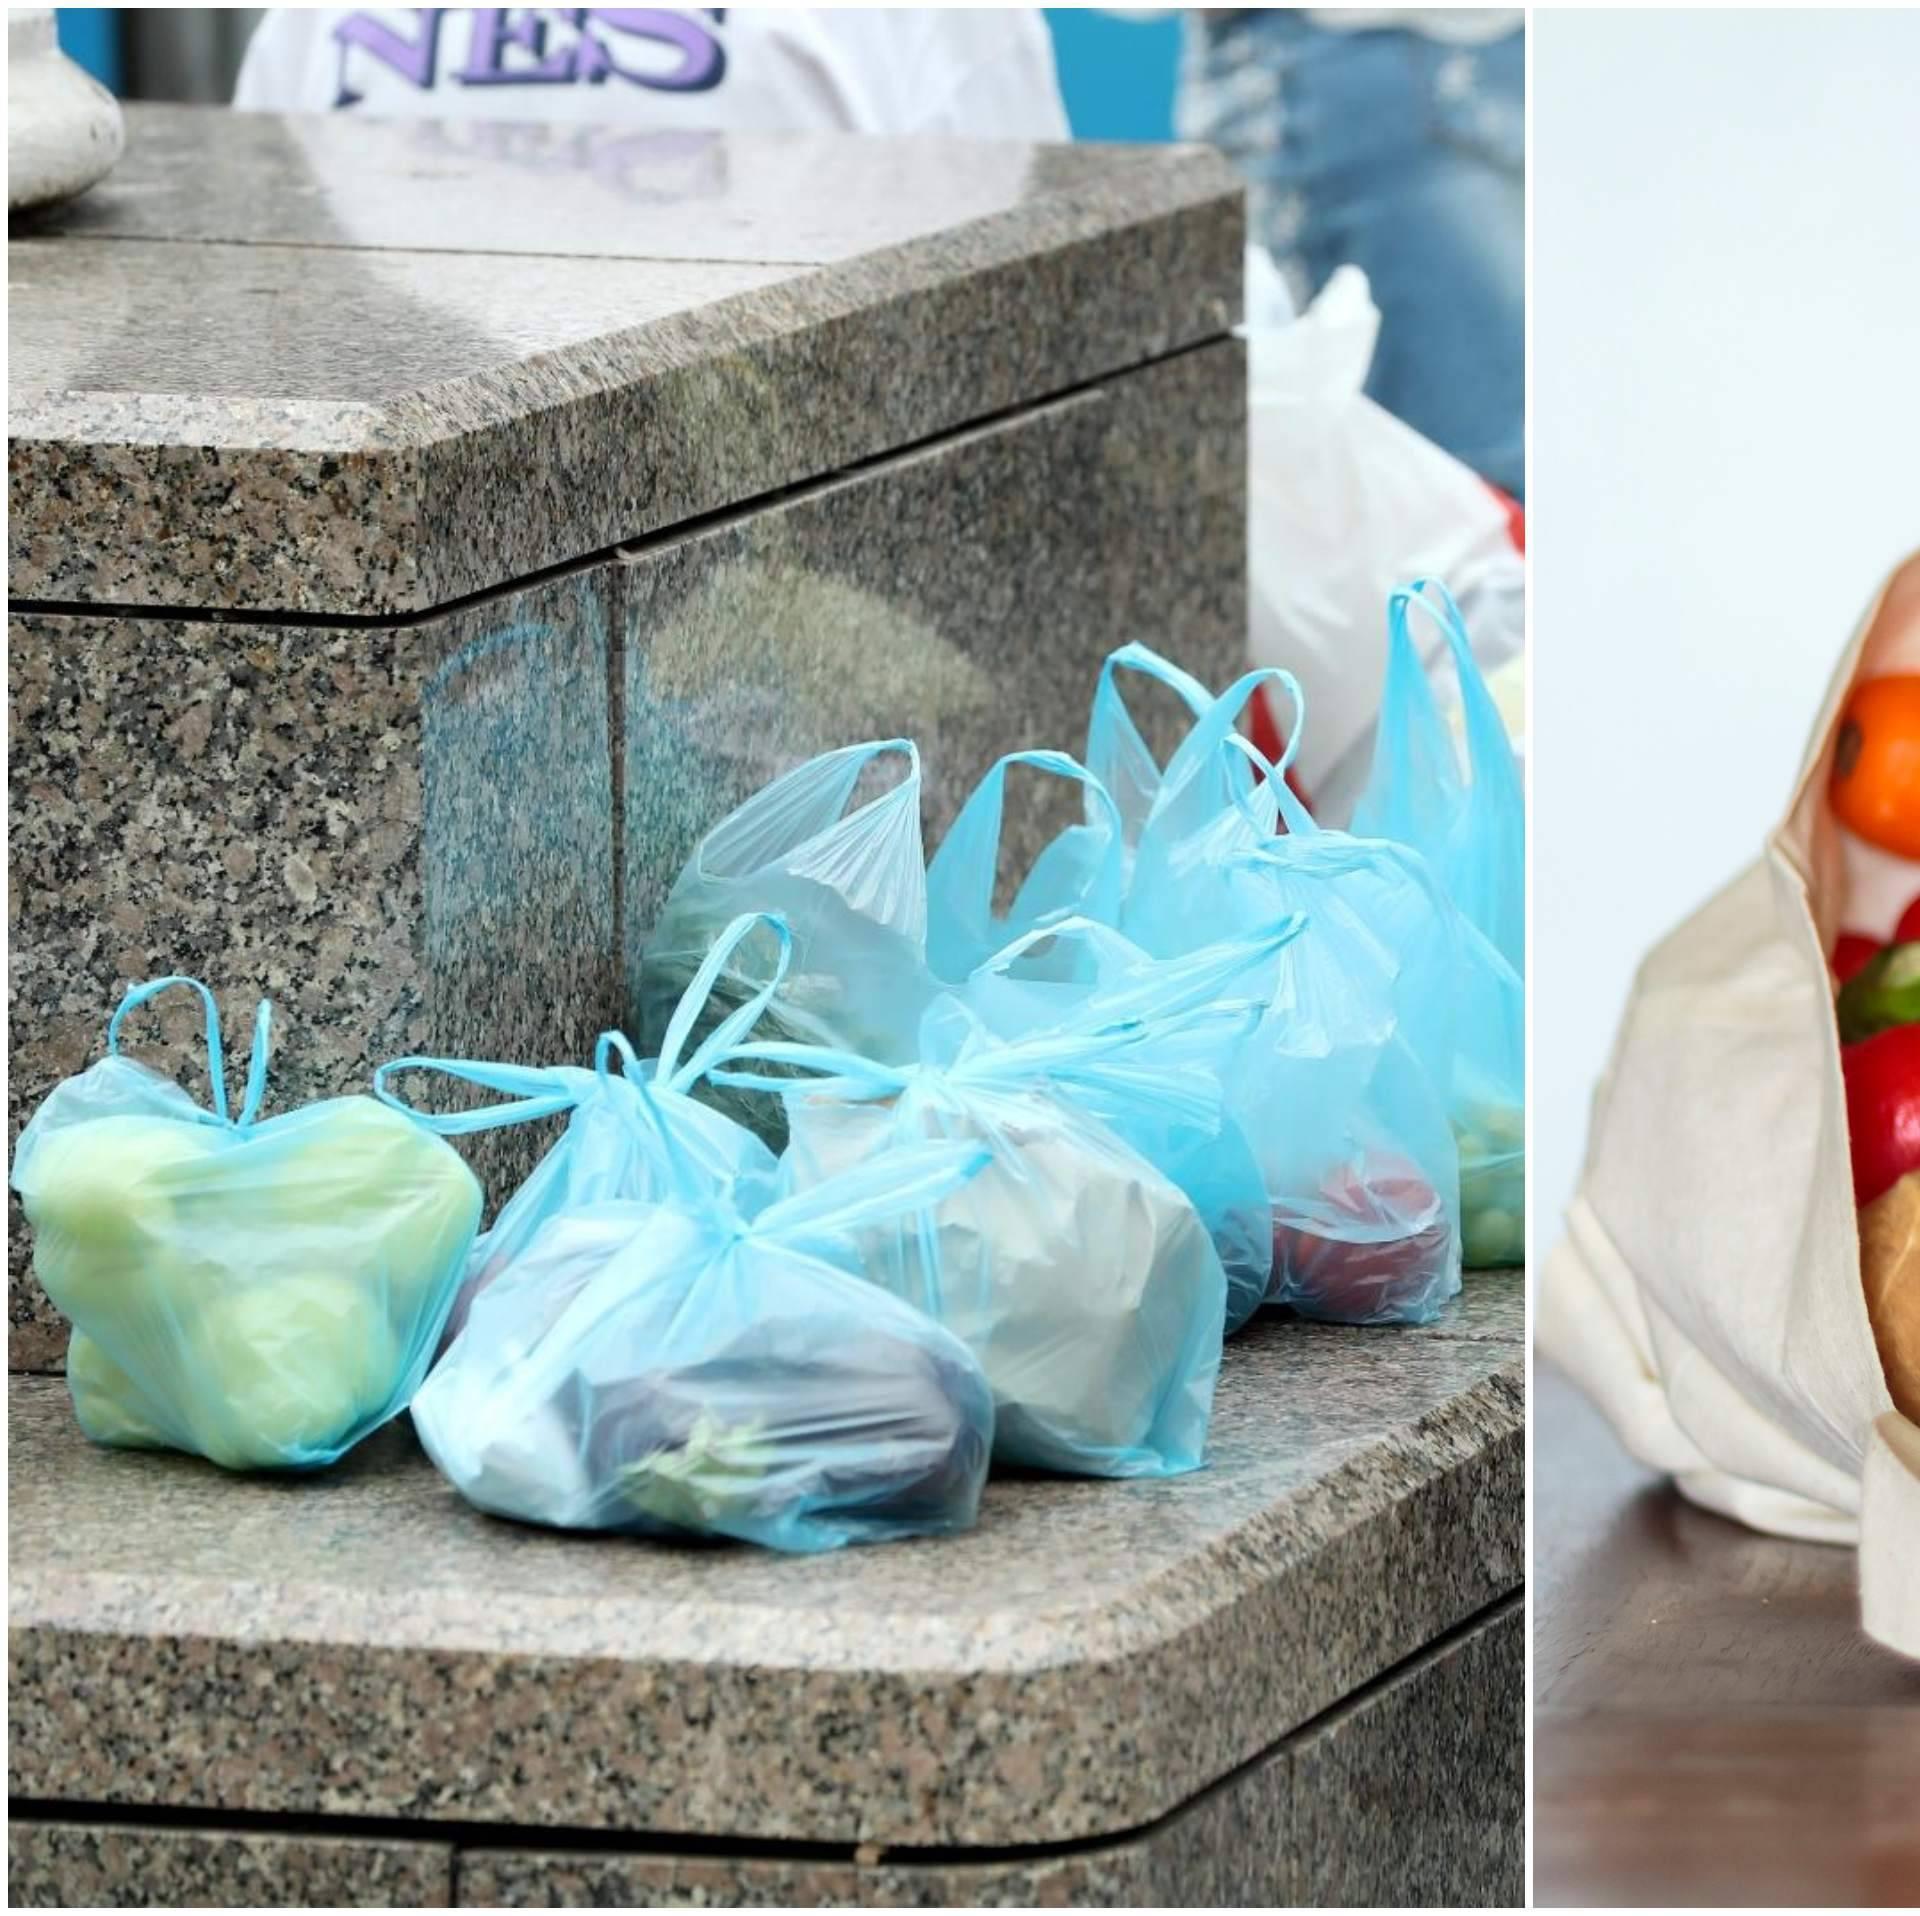 Dućani u Hrvatskoj smanjili su 8 tona plastike u dva tjedna